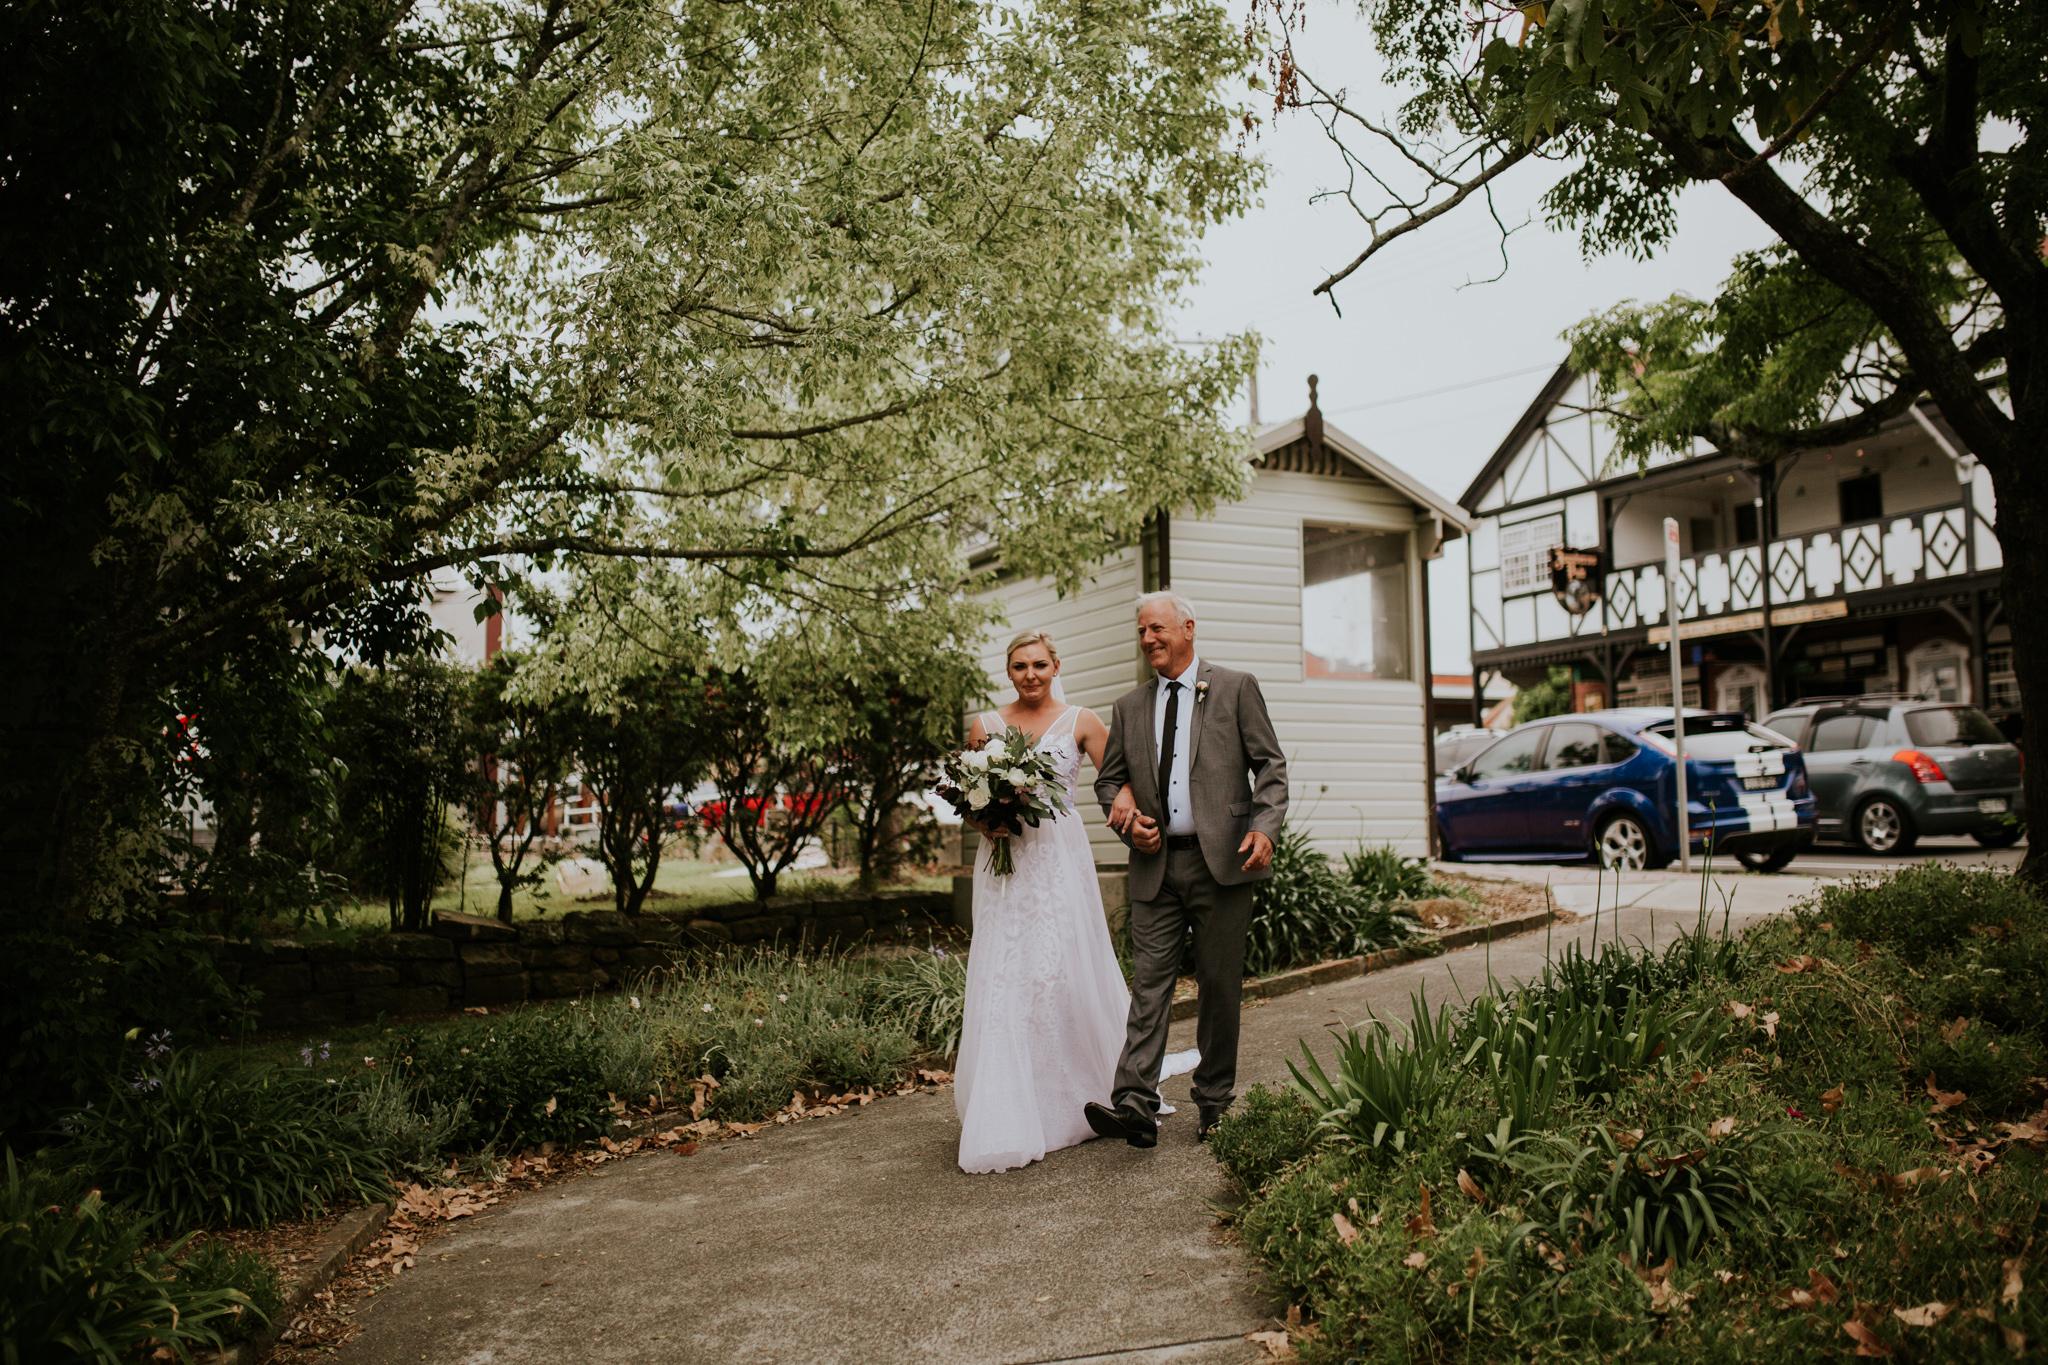 Lucy+Kyle+Kiama+Sebel+wedding-56.jpg